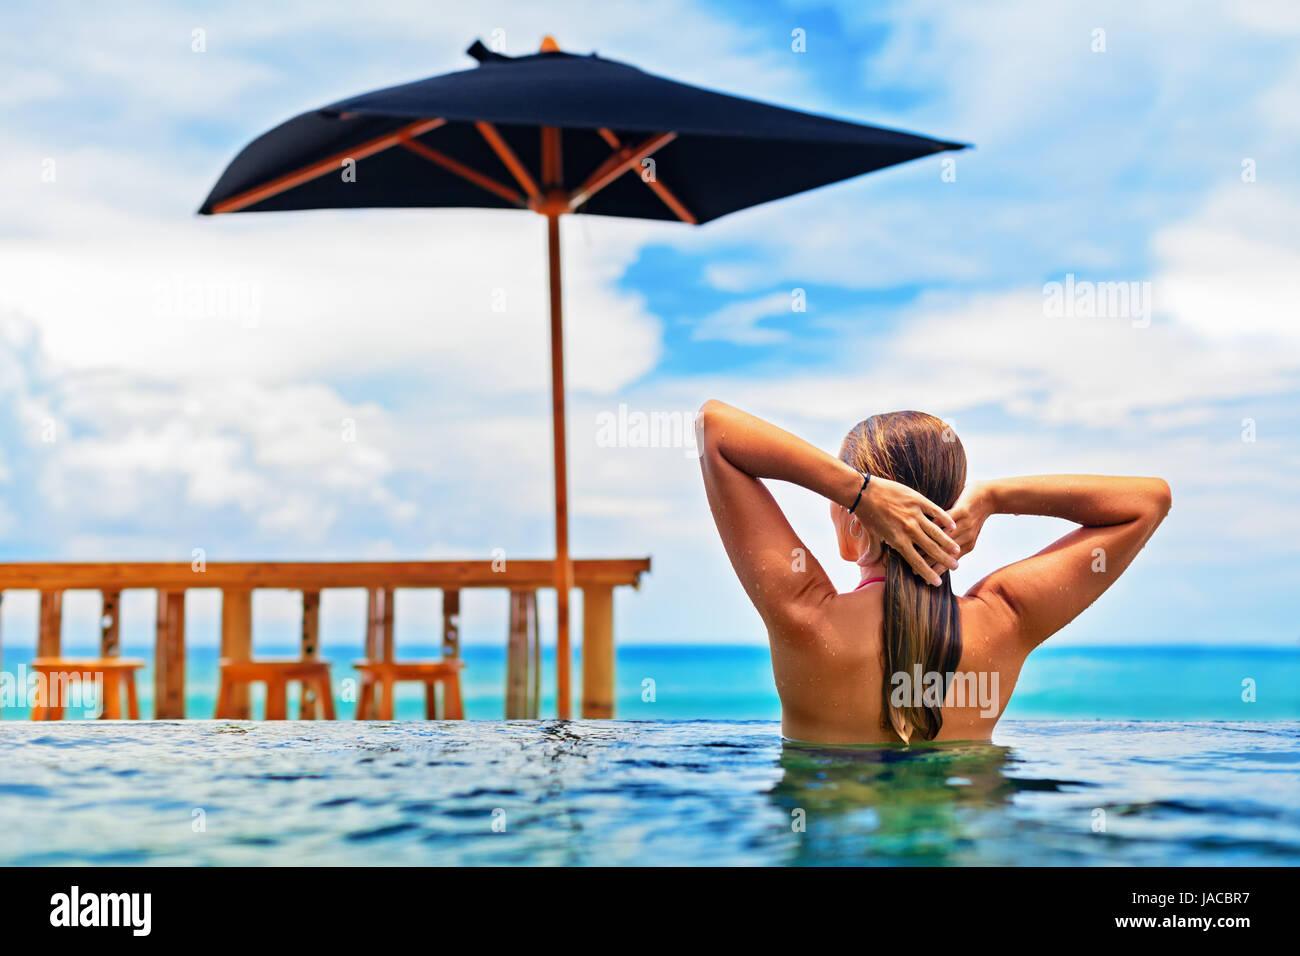 Jeune femme heureuse de s'amuser dans une piscine à débordement avec vue sur l'océan. Fille Photo Stock